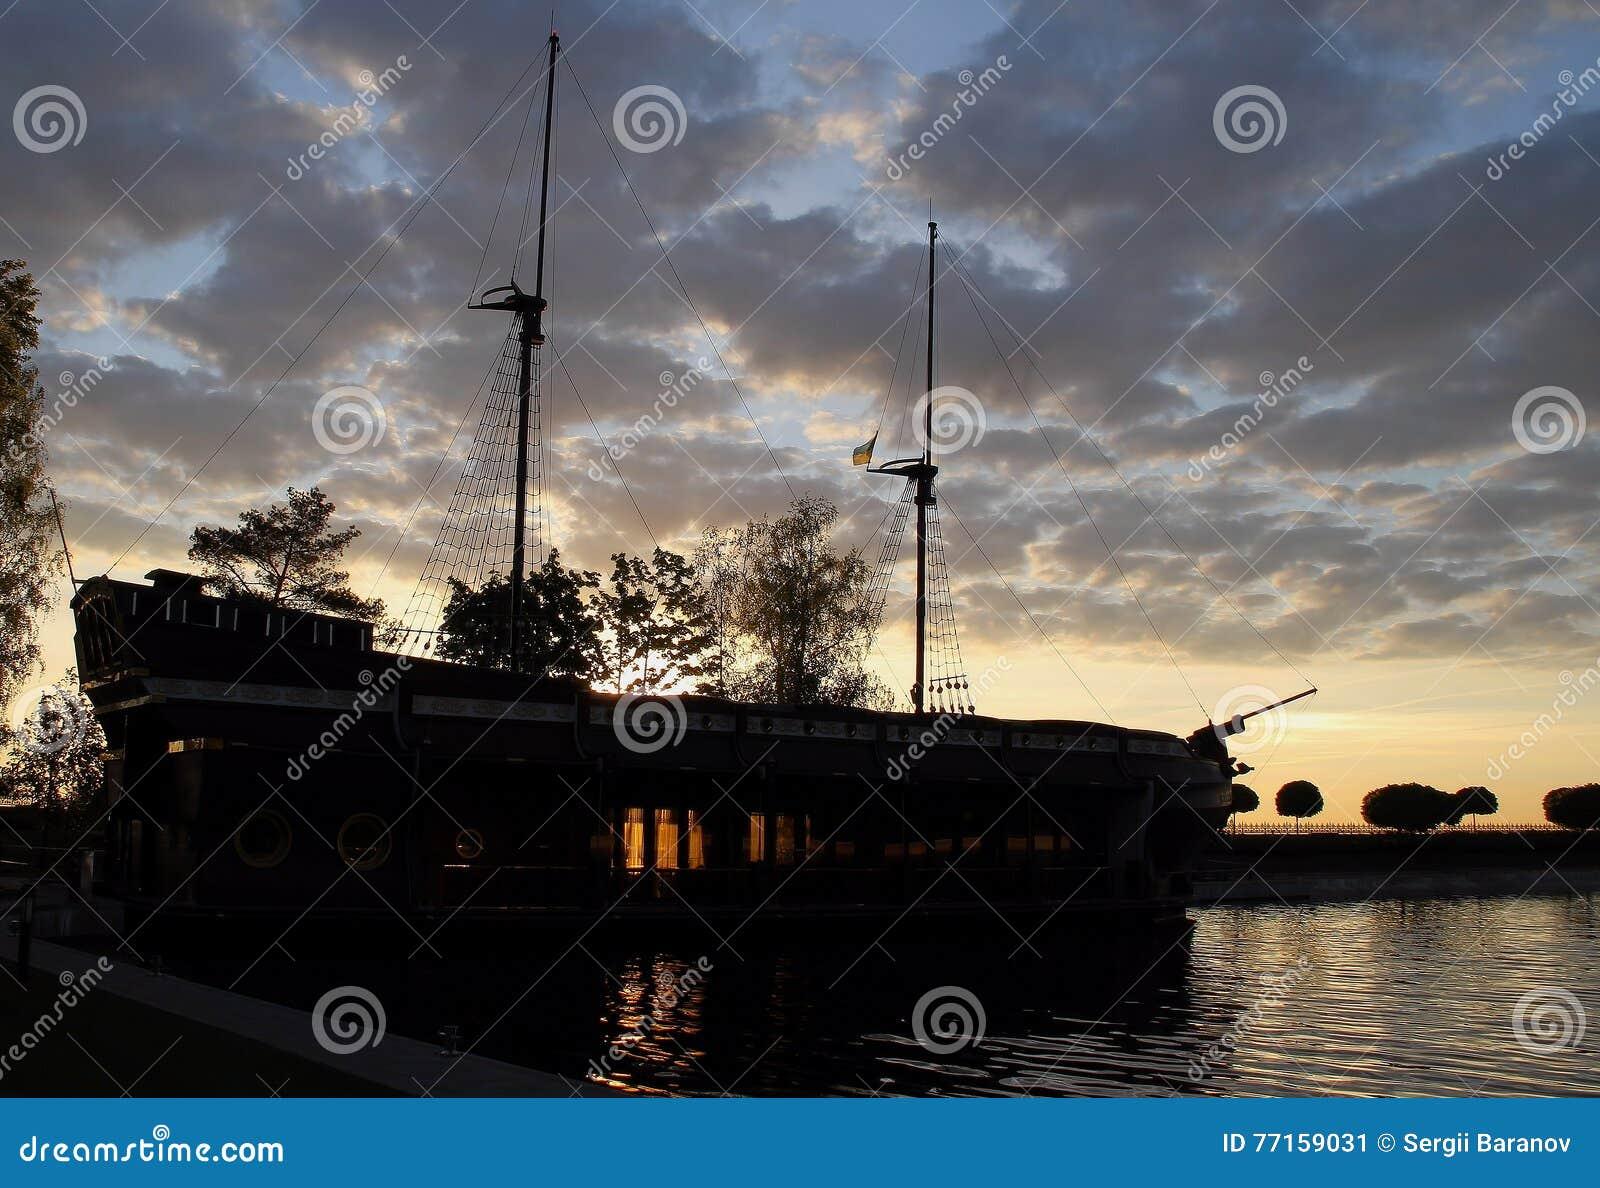 Le vieux bateau en bois mâté a amarré dans les photos d actions de baie de mer